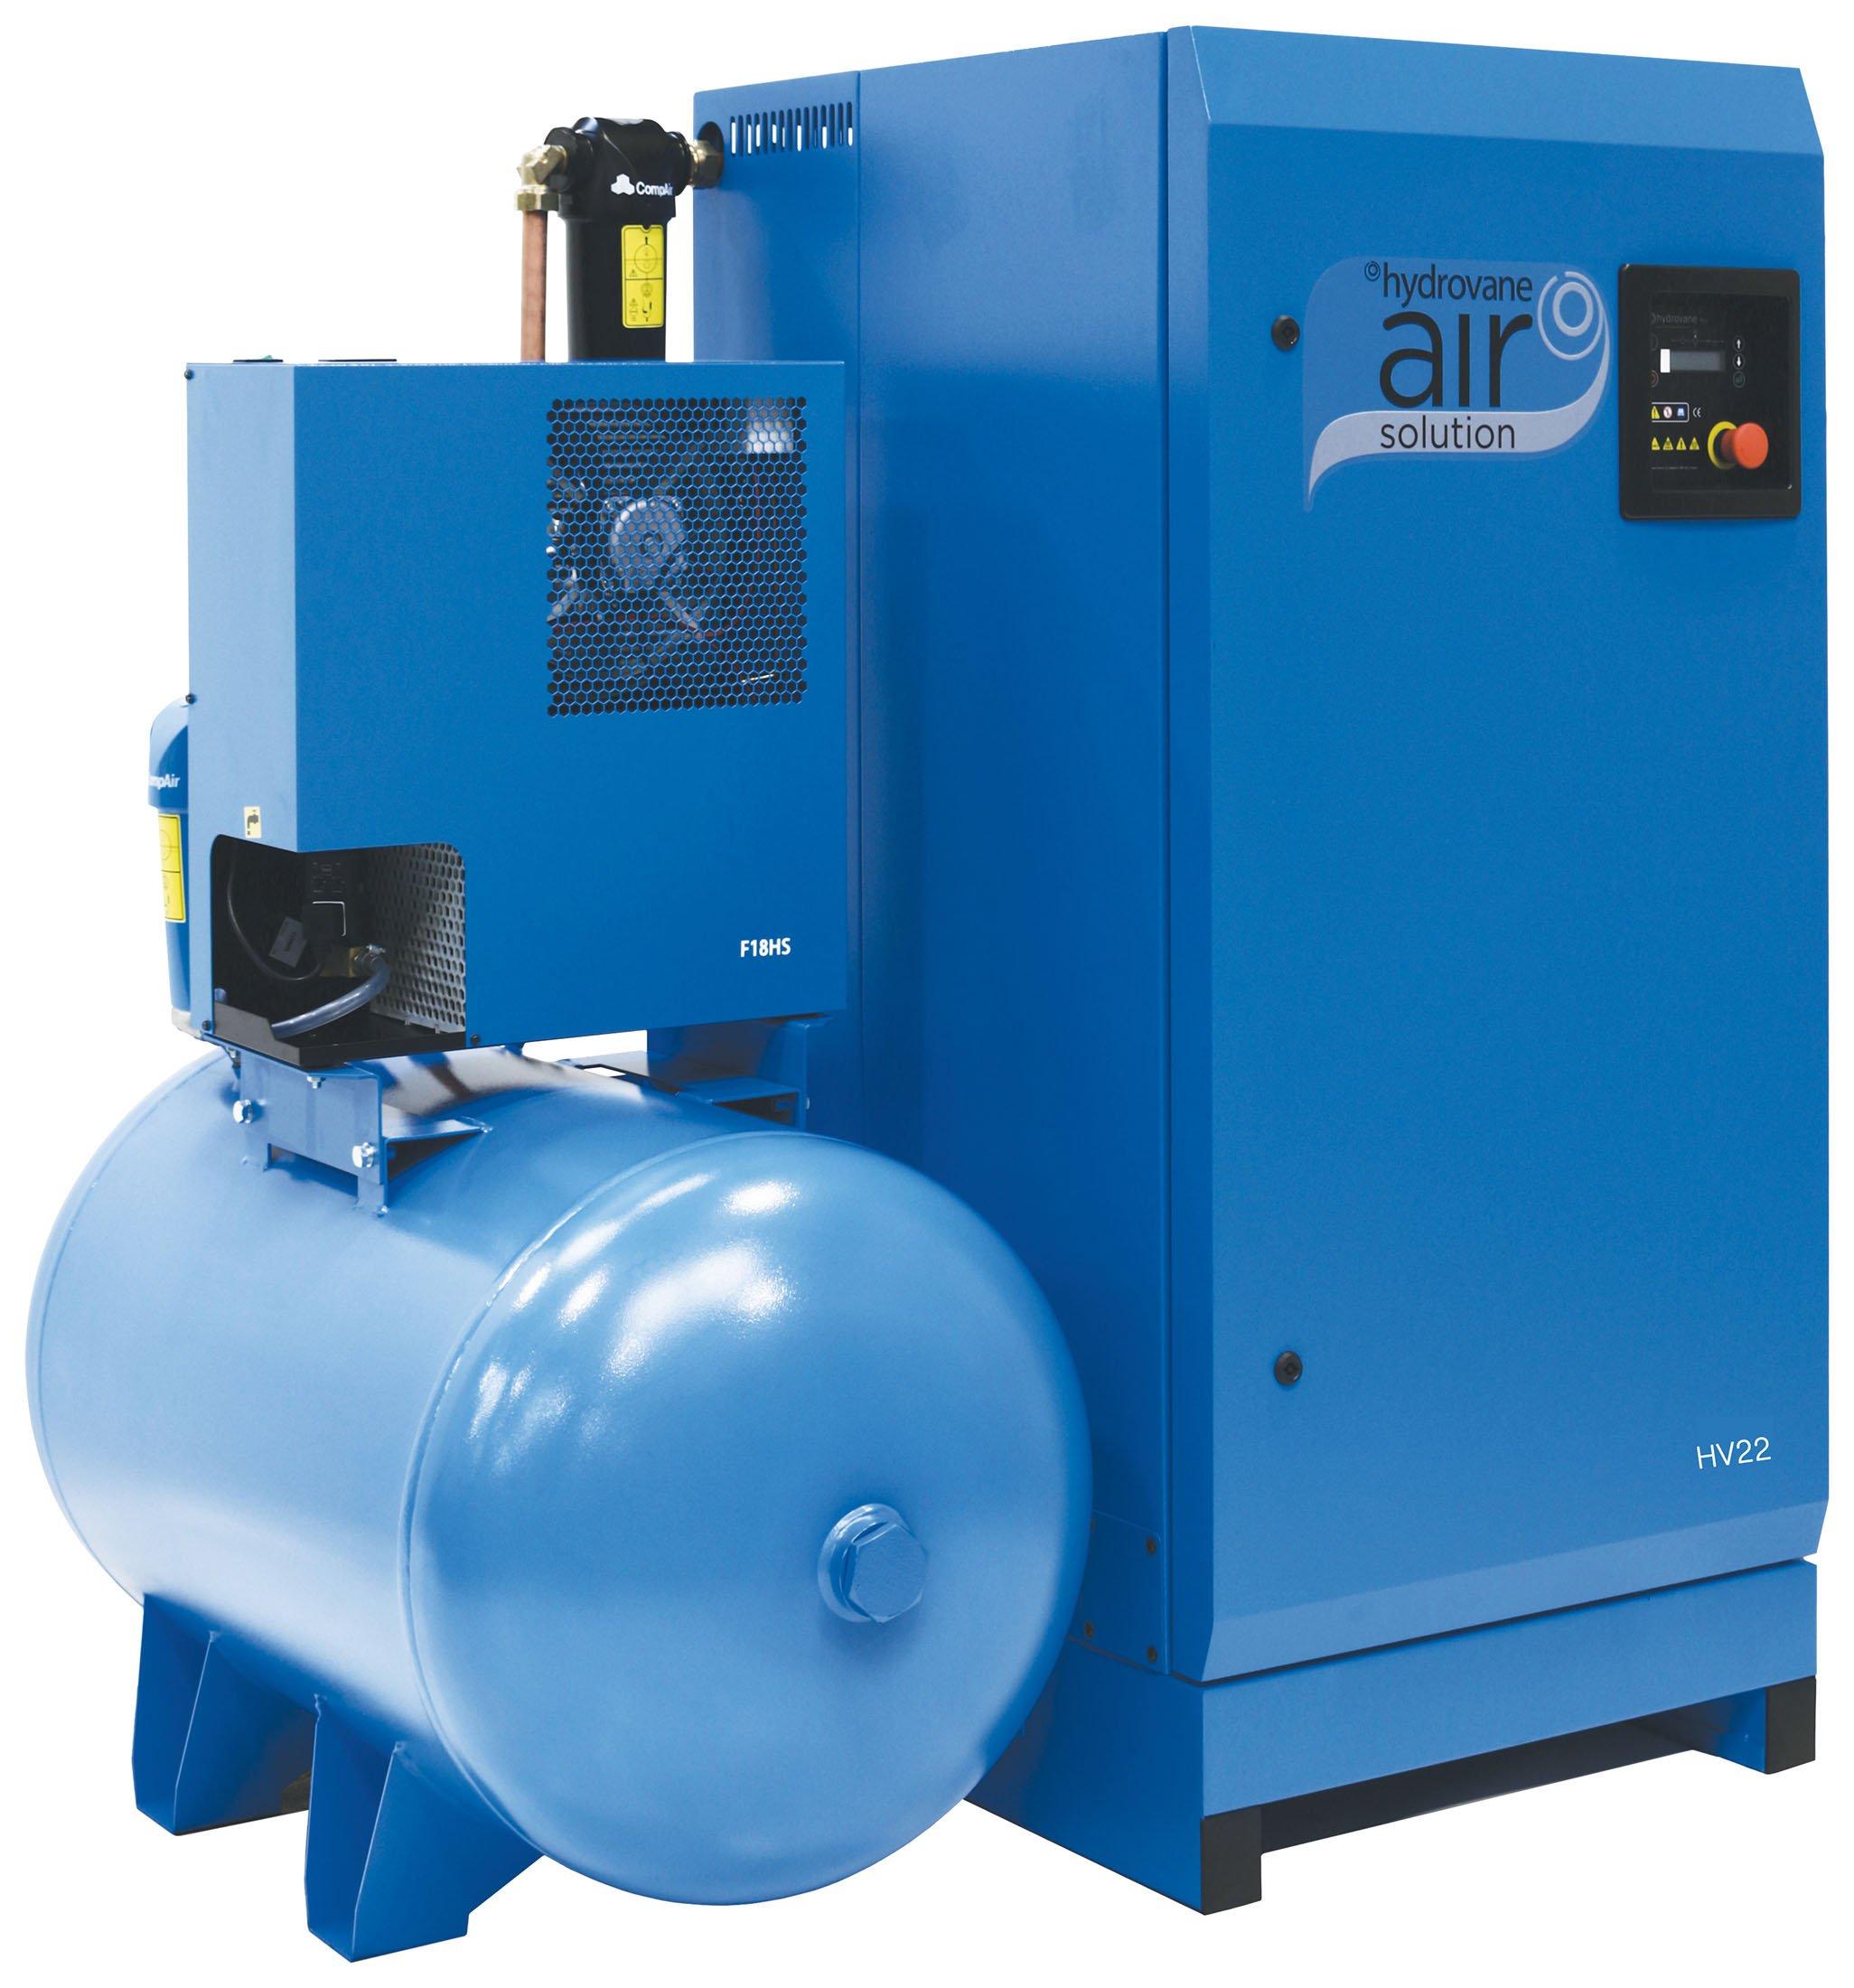 Midlands UK supplier of Hydrovane HV22AERD air compressor